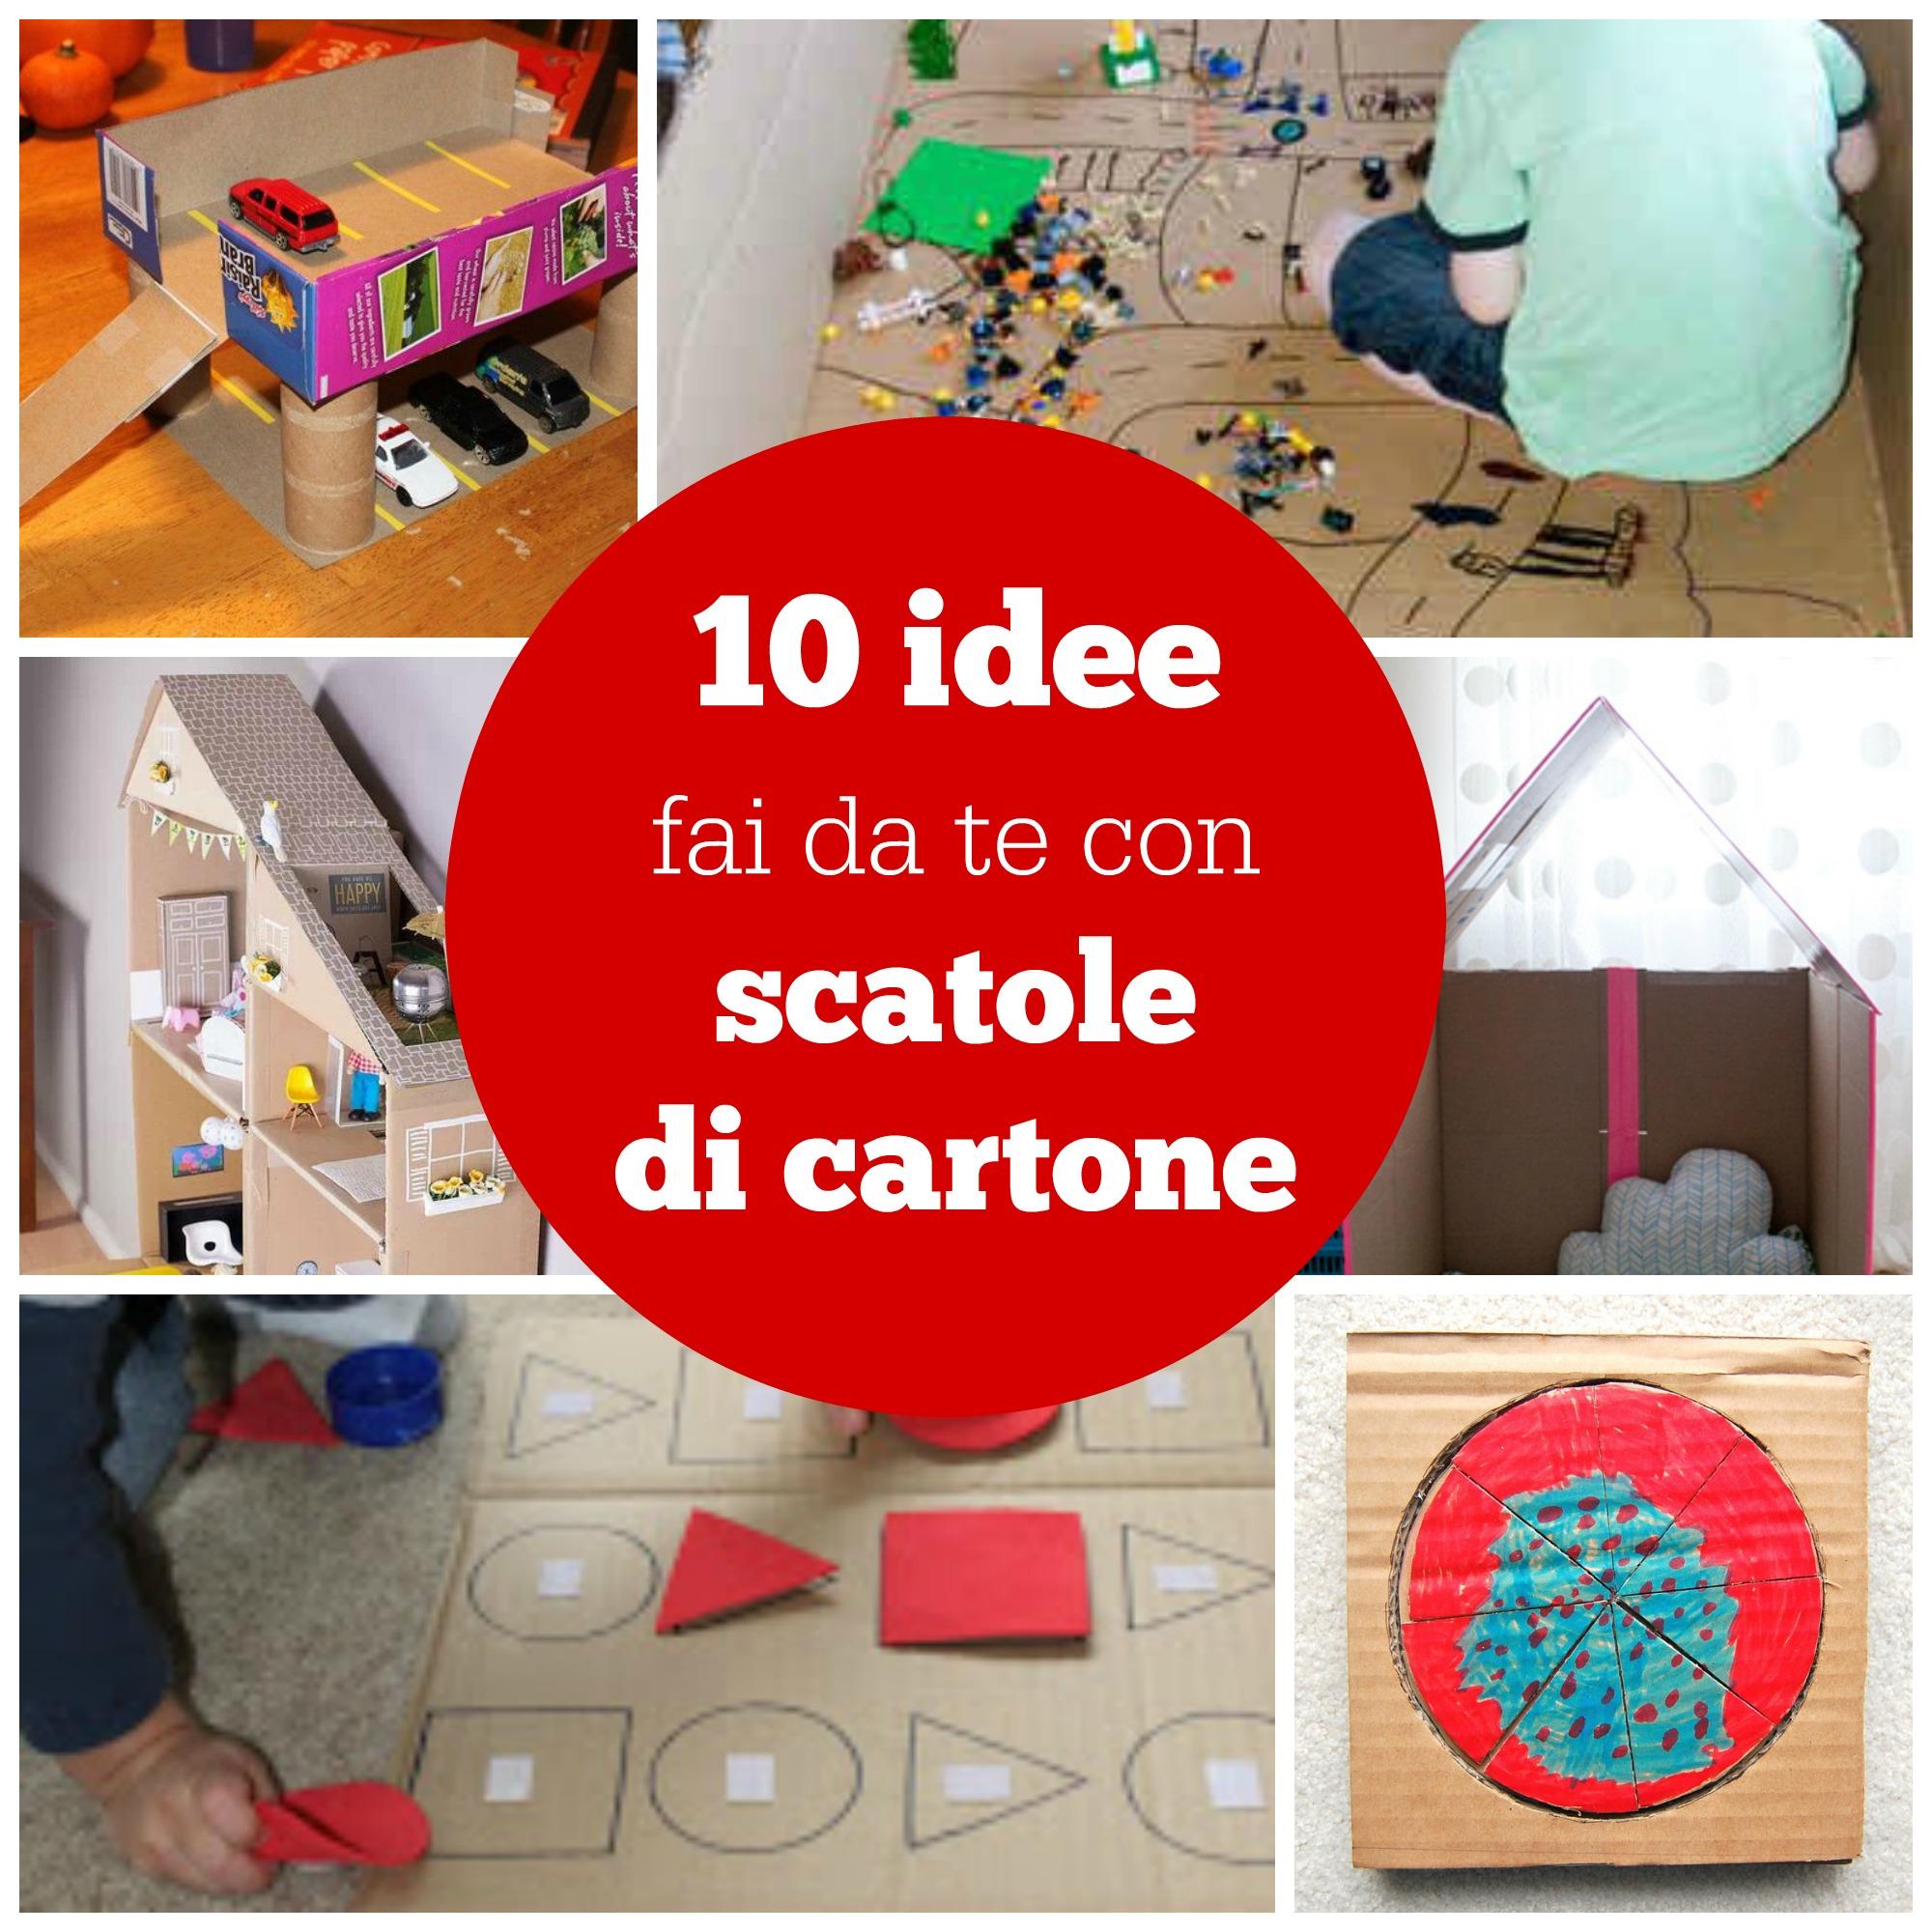 10 idee fai da te con scatole di cartone babygreen